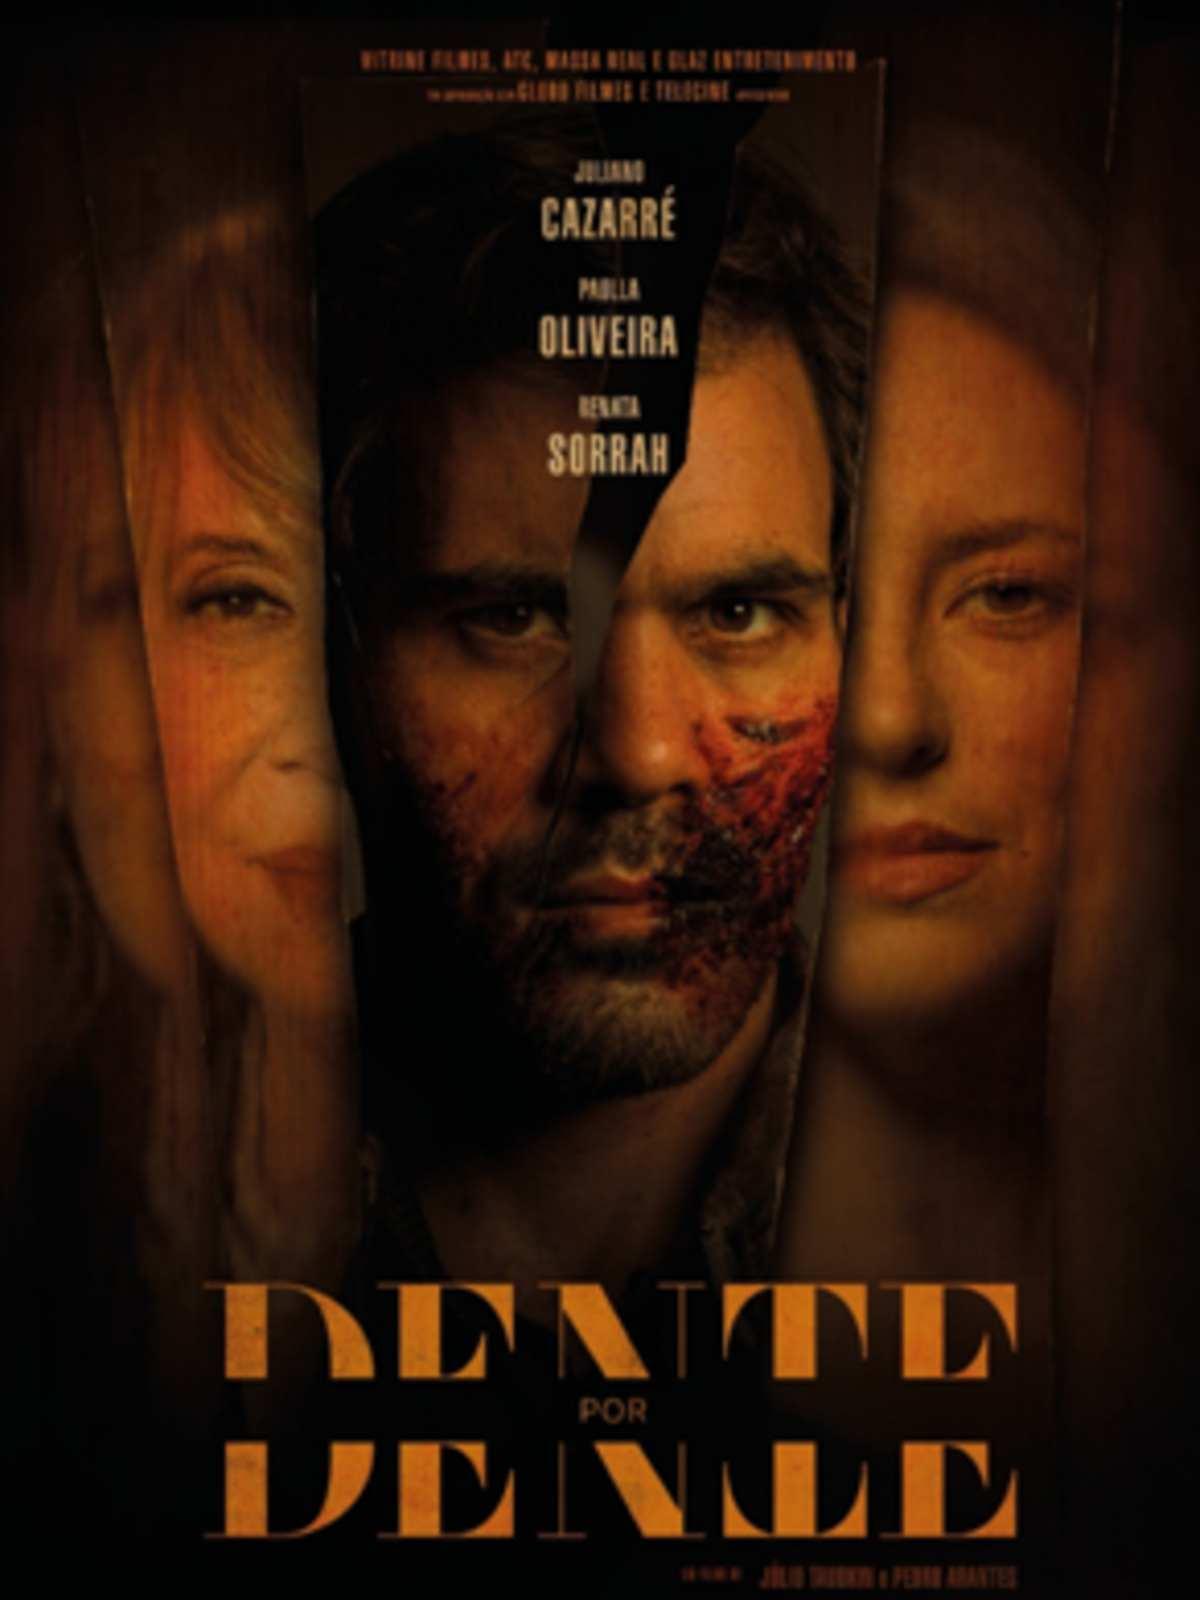 Download Filme Dente por Dente Torrent 2021 Qualidade Hd